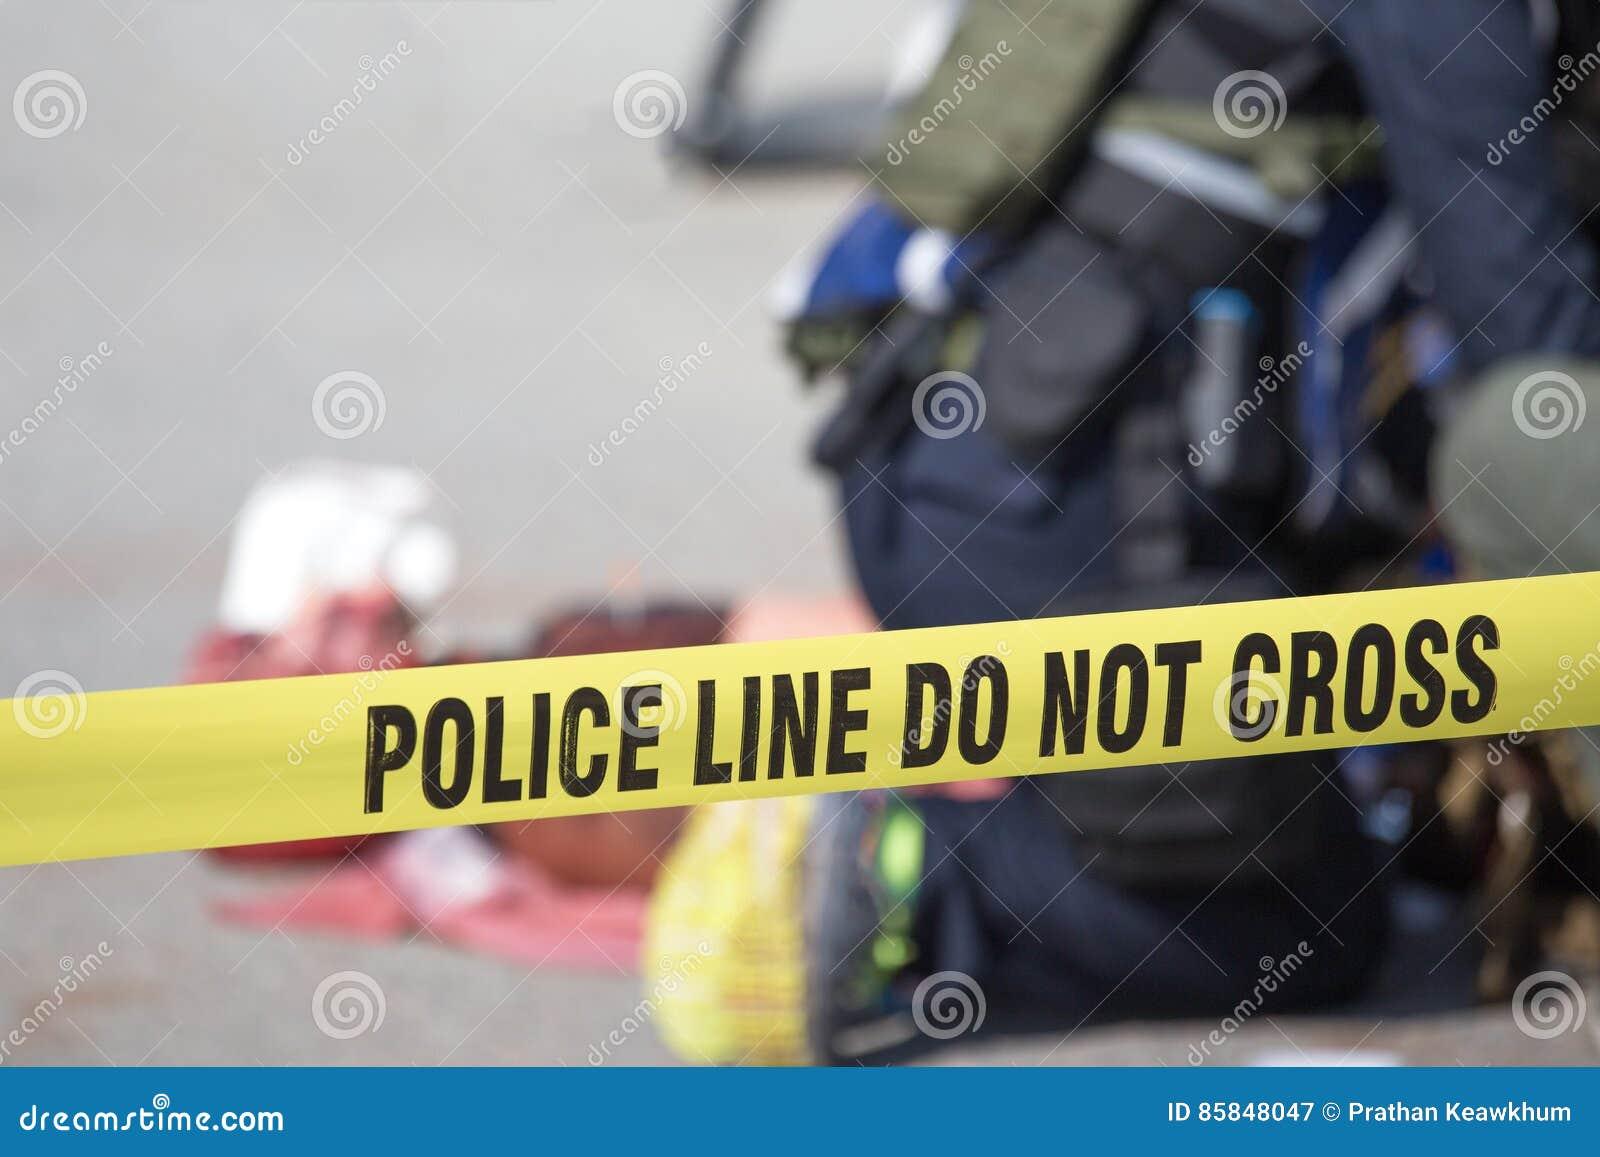 De politielijn doet geen kruis met de vage handhaving van de dokterswet backg